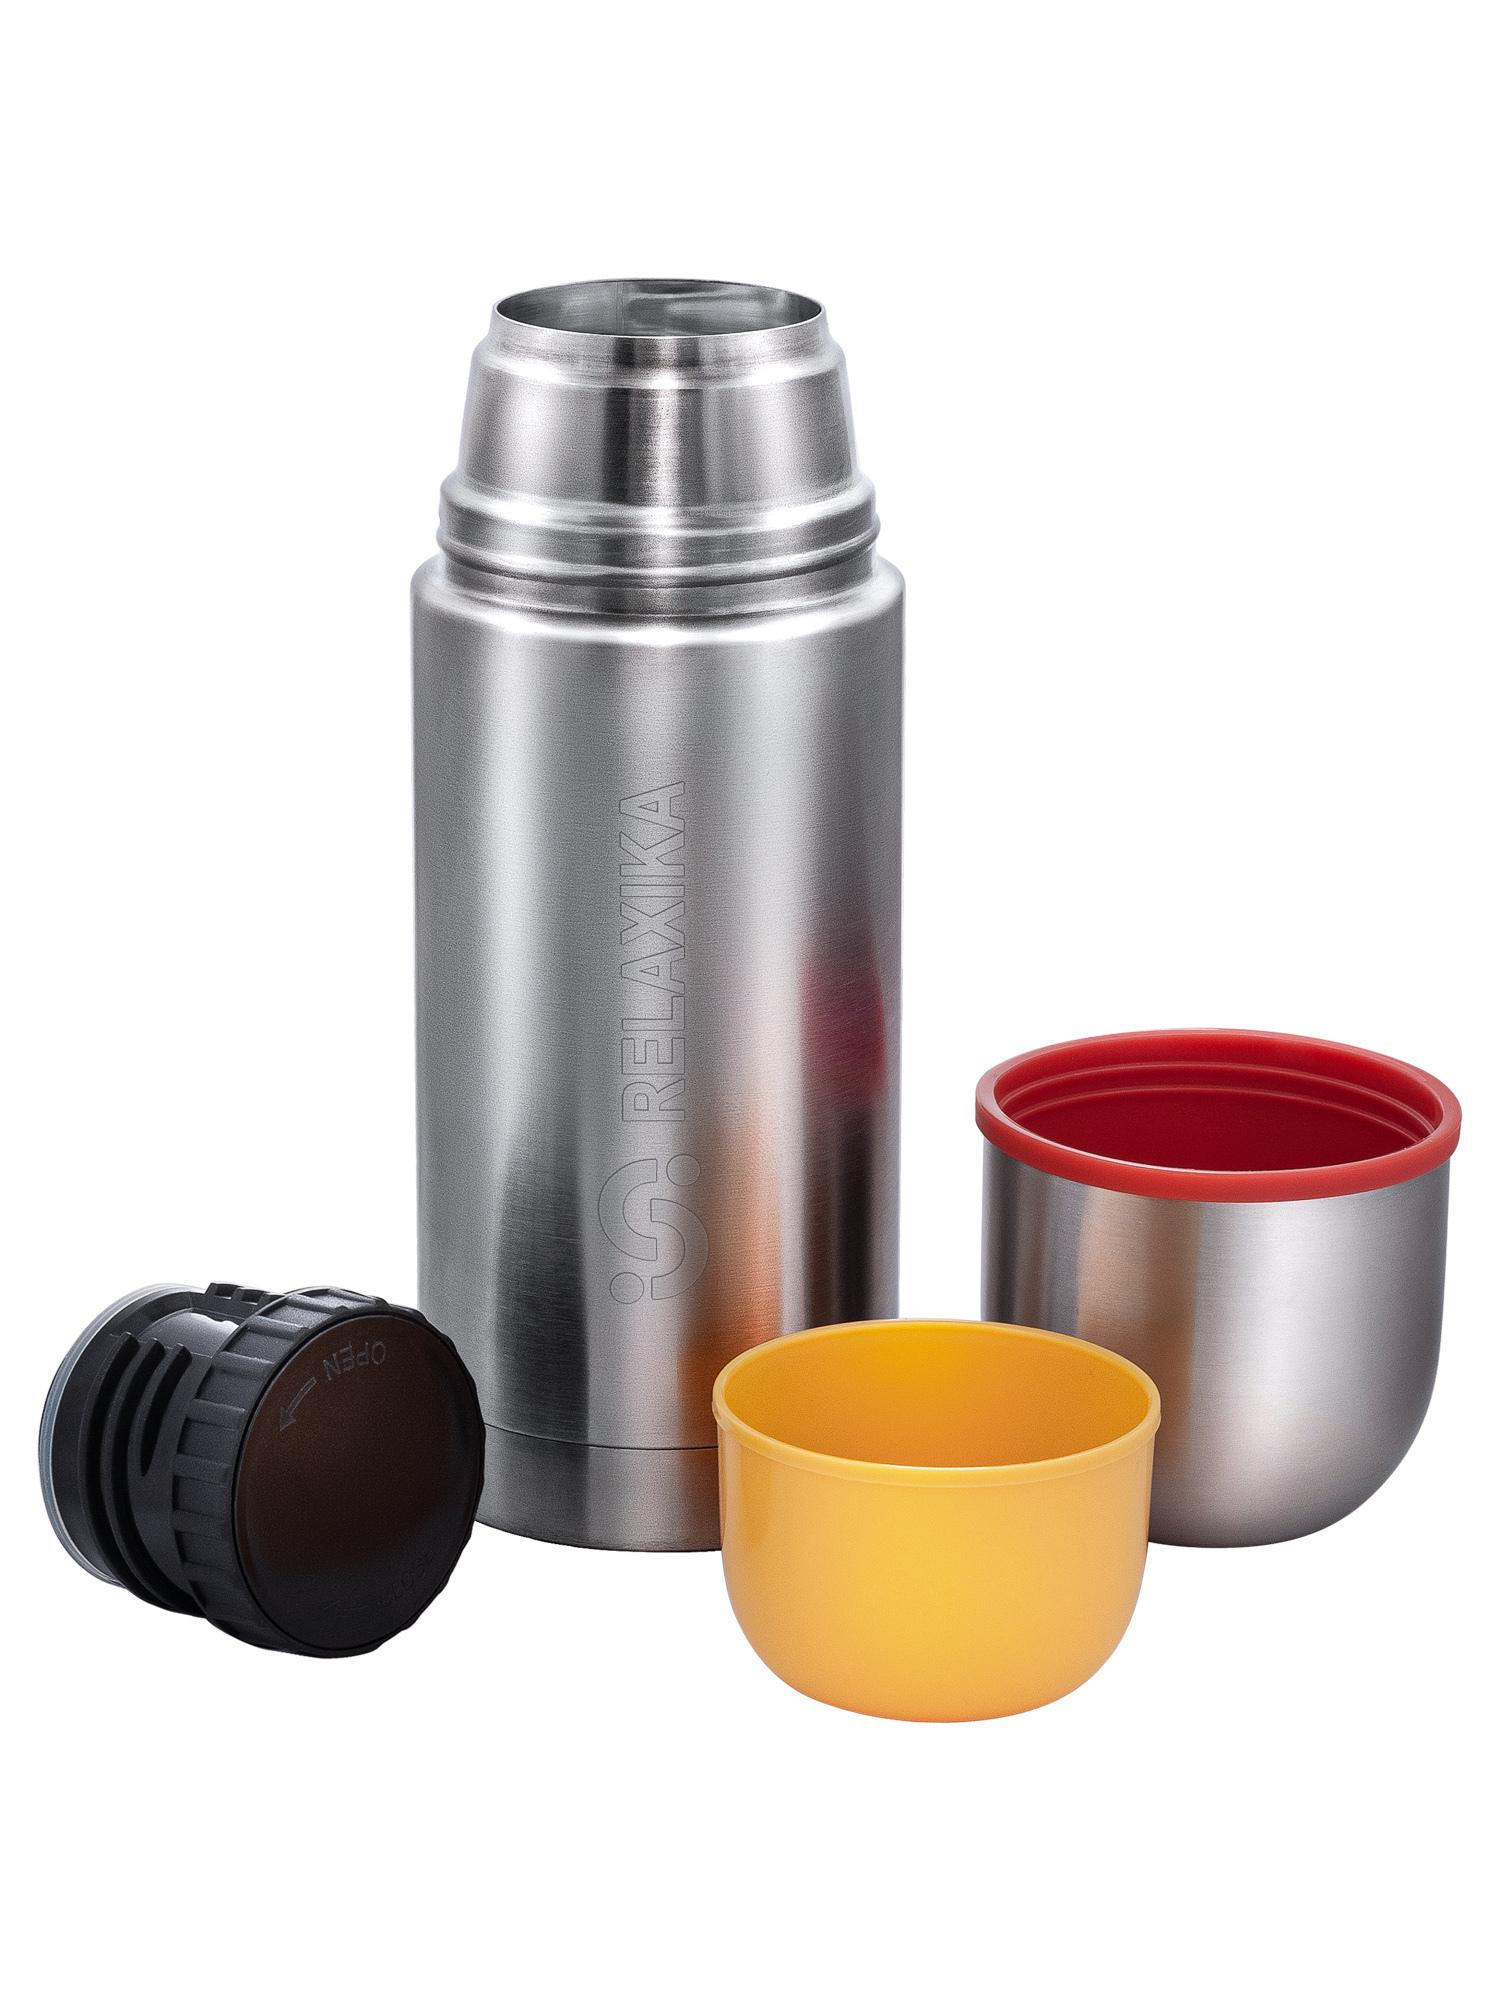 Термос Relaxika 102 (0,5 литра), 2 чашки, стальной